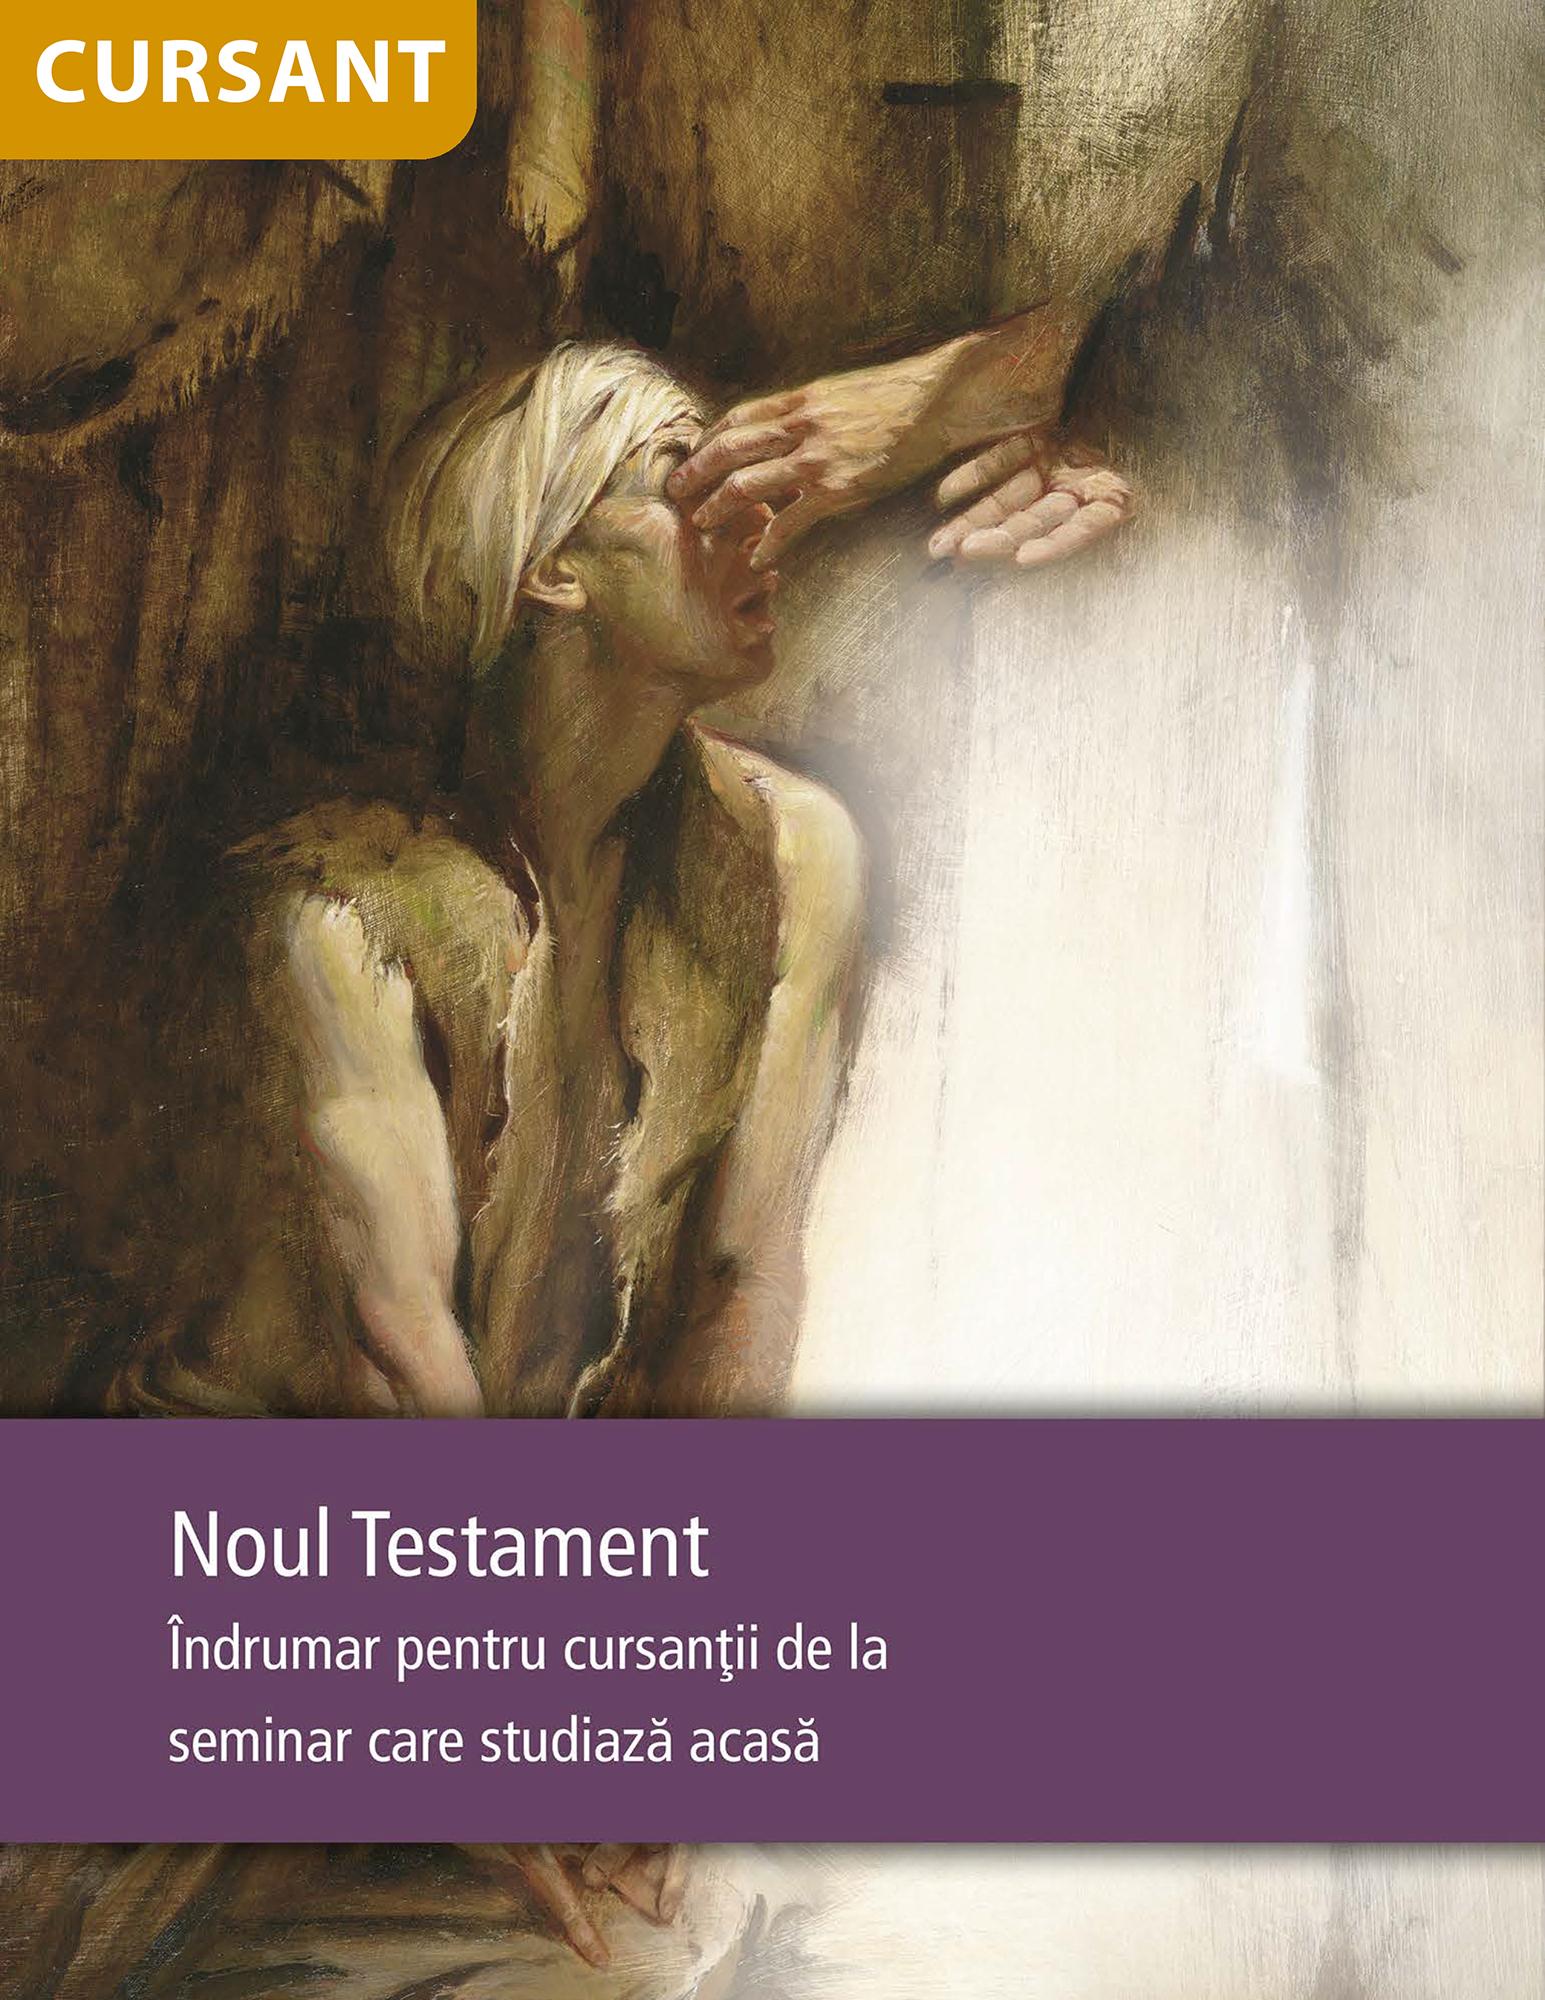 Noul Testament – Îndrumar pentru cursanţii de la seminar care studiază acasă